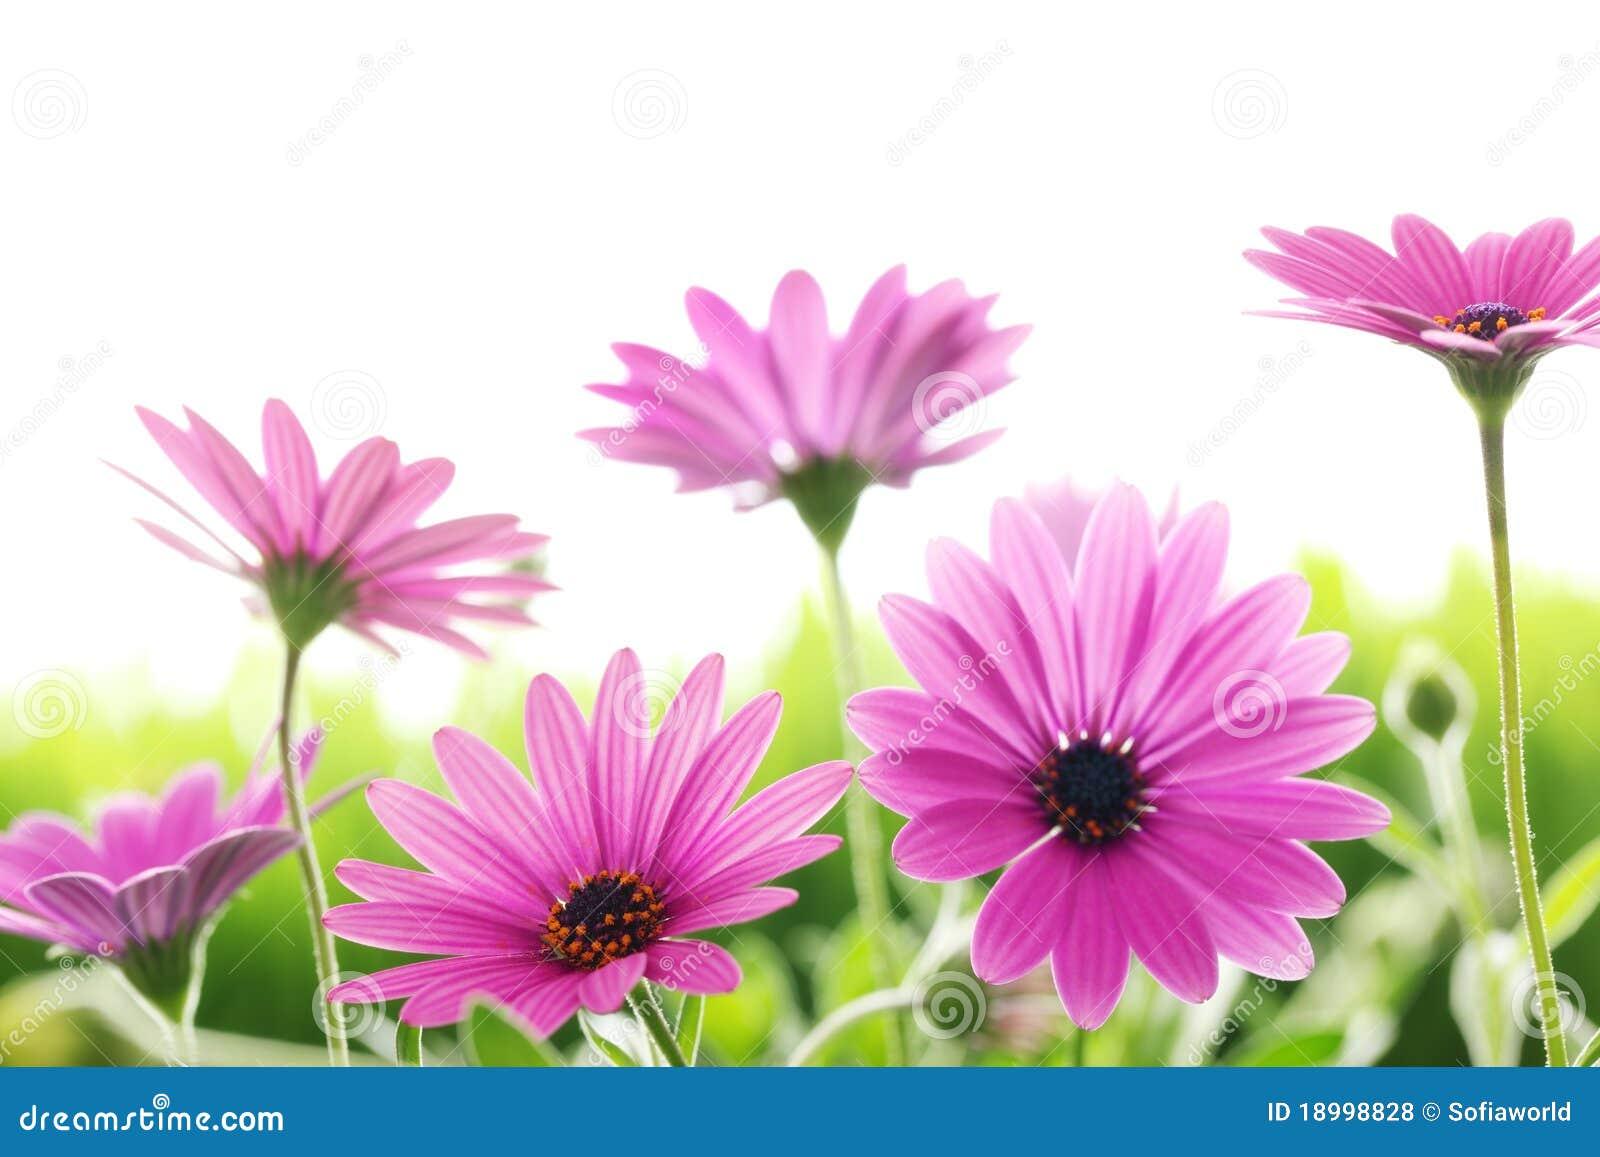 Fleur de marguerite photo stock image du rose zone - Image fleur marguerite ...